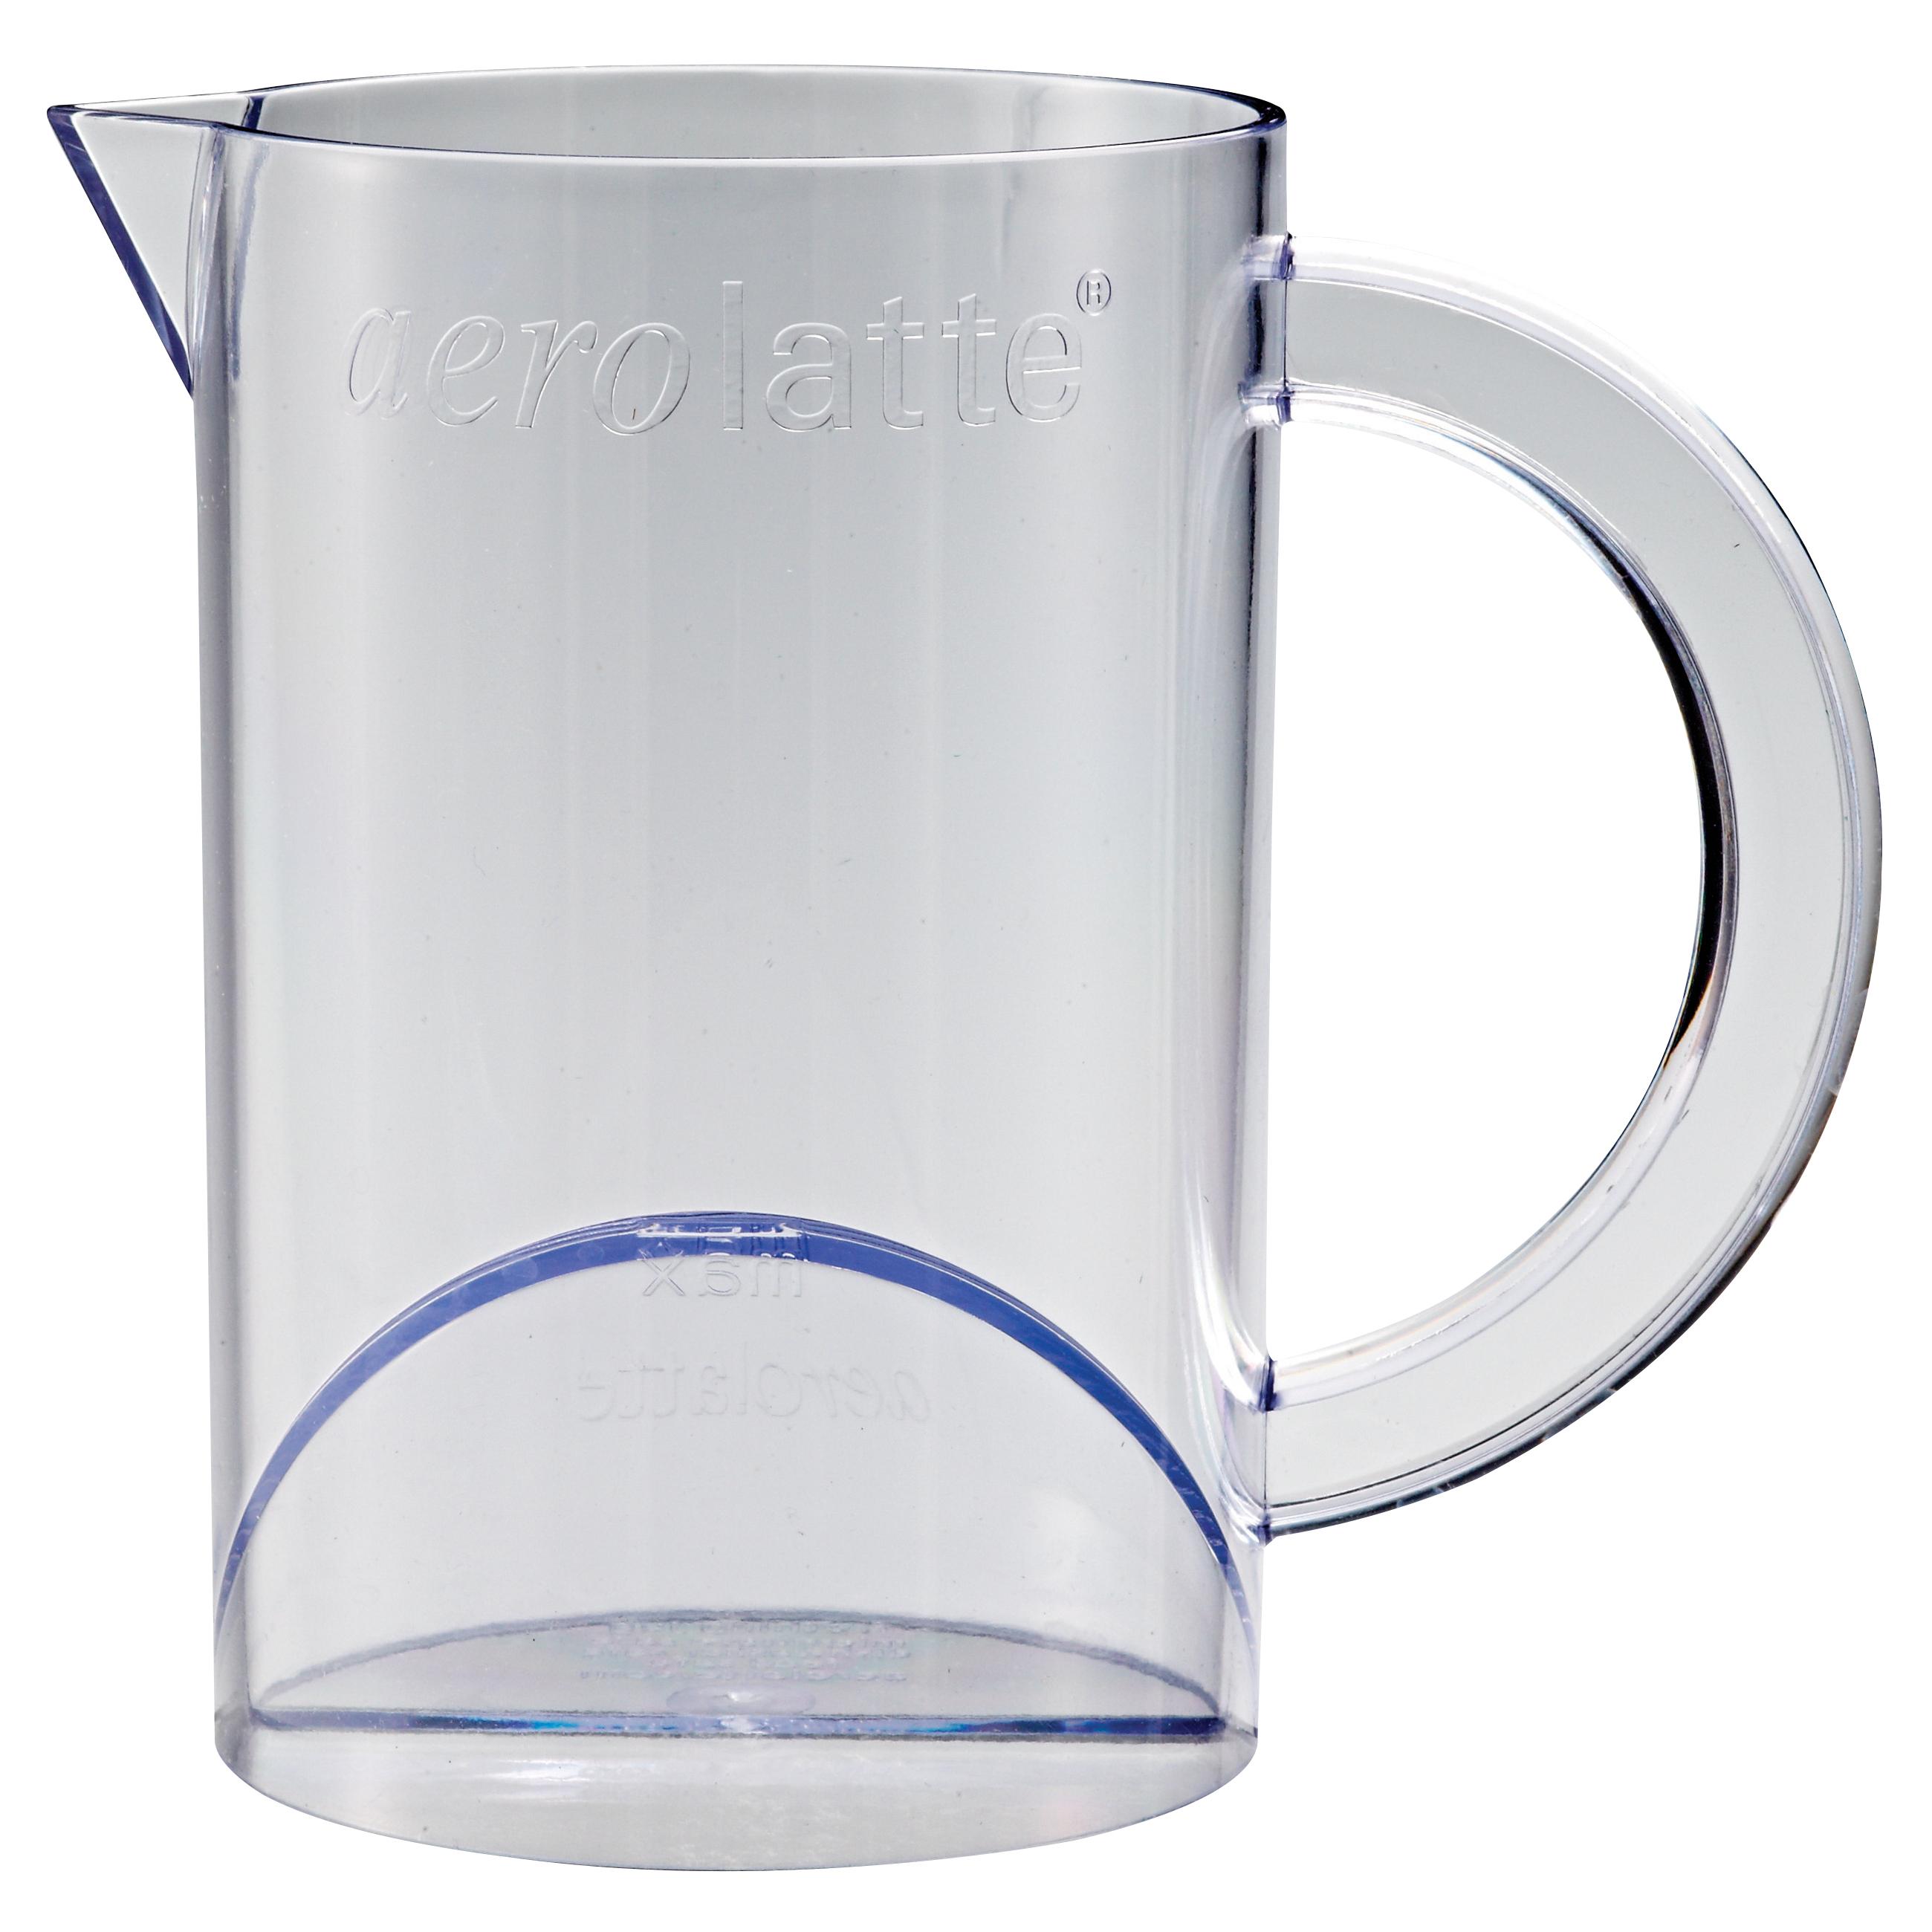 Aerolatte 3 Cup Milk Frothing Jug